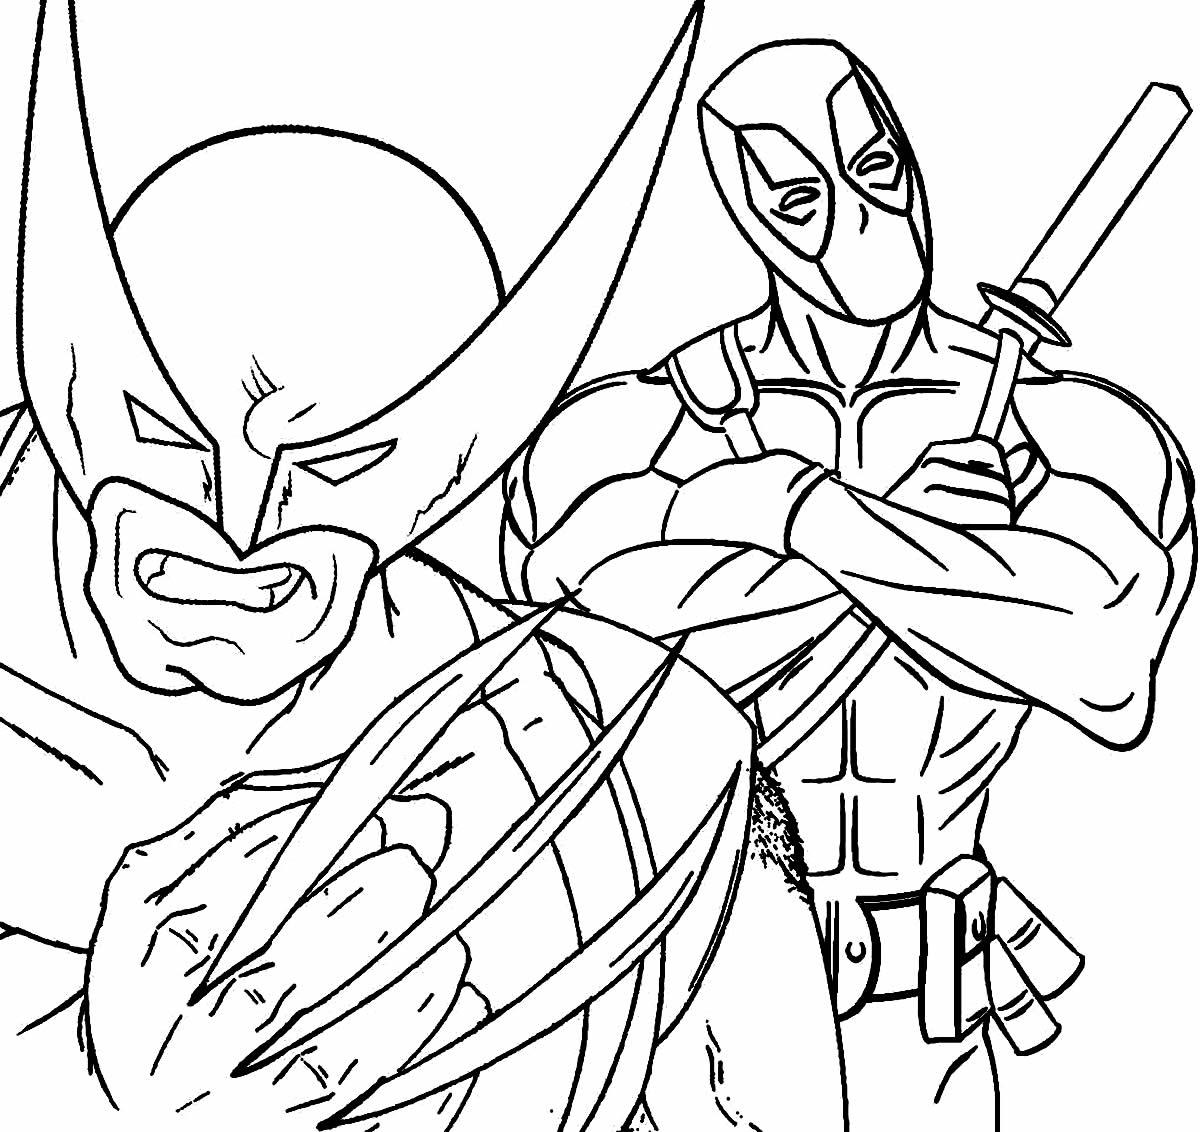 Imagem do Wolverine para pintar